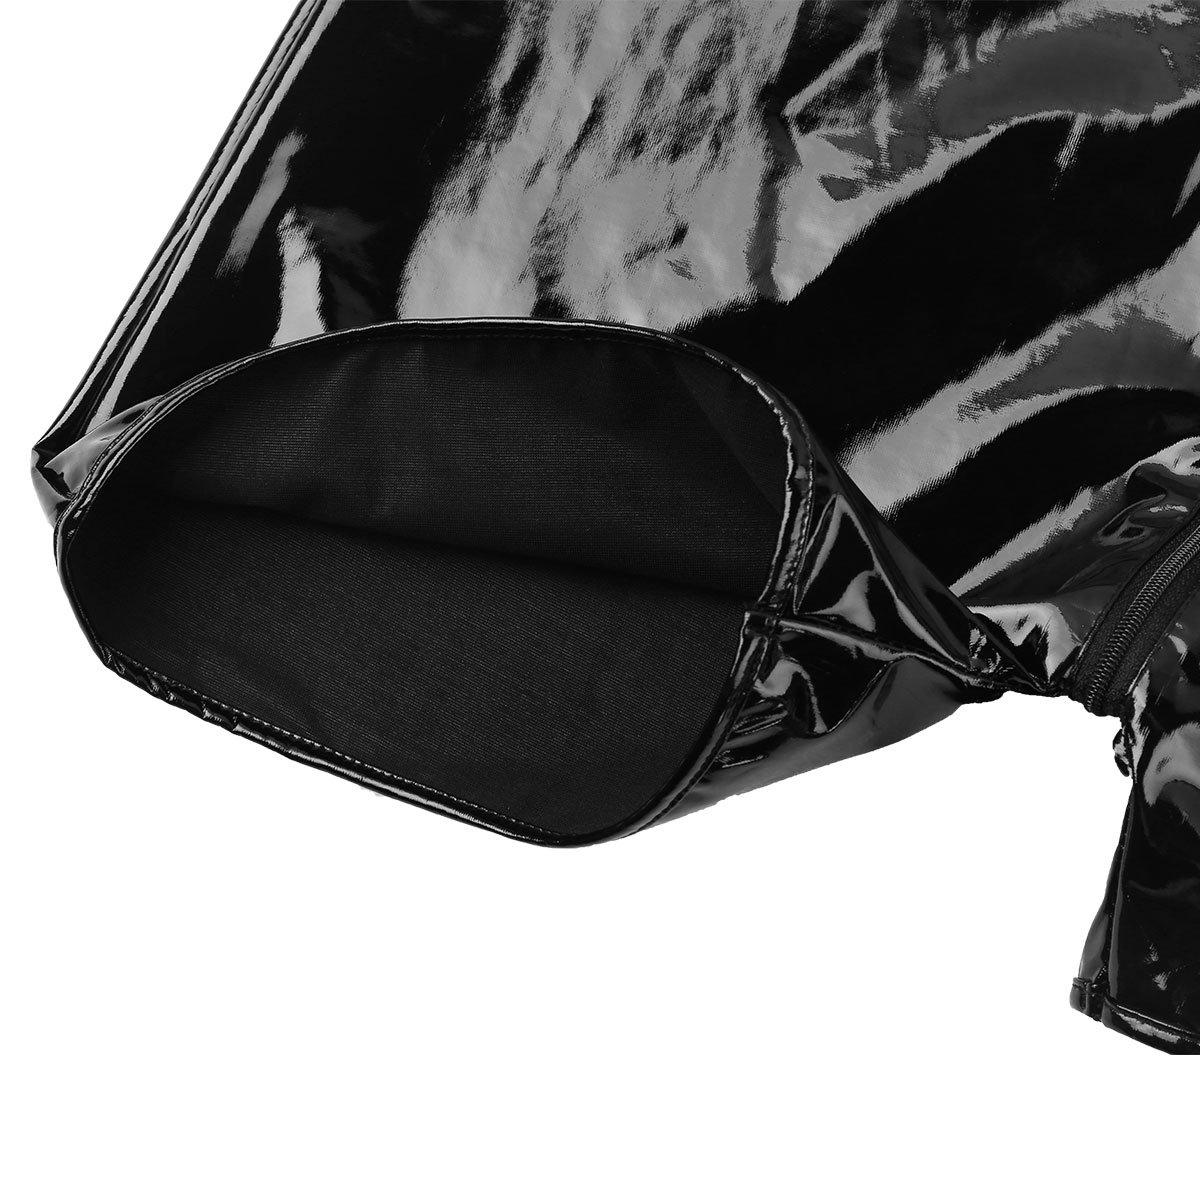 Vêtements de sport Freebily Débardeur Homme Body Bodysuit sous-Vêtement Cuir Maillot de Bain Plage sans Manches Short Combinaison Collant de Sport Fitness Clubwear M-2XL